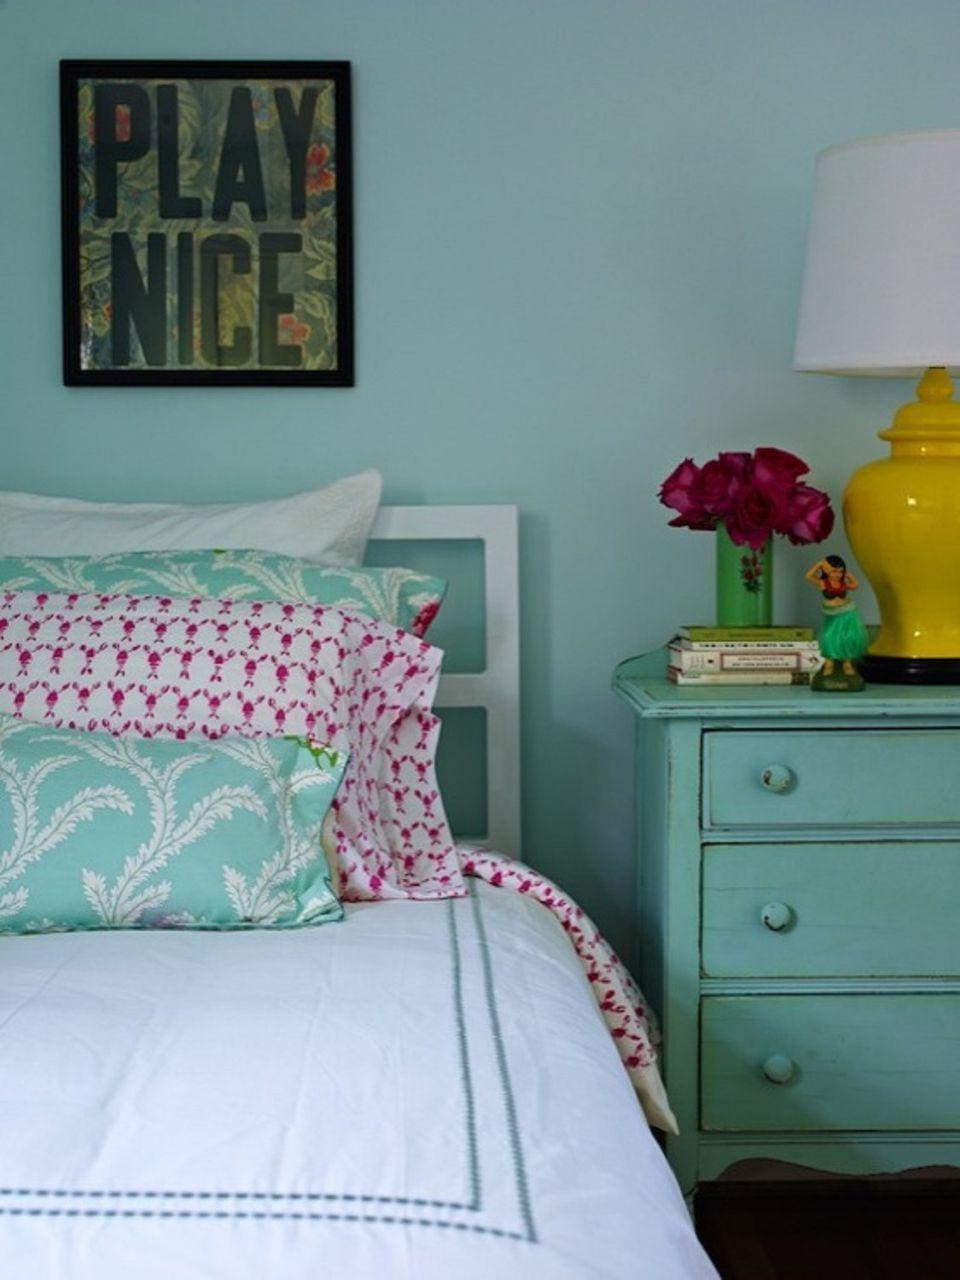 7 Fascinating Hacks Vintage Home Decor Romantic Inspiration Vintage Home Decor Living Room Fr Turquoise Room Living Room Turquoise Turquoise Living Room Decor